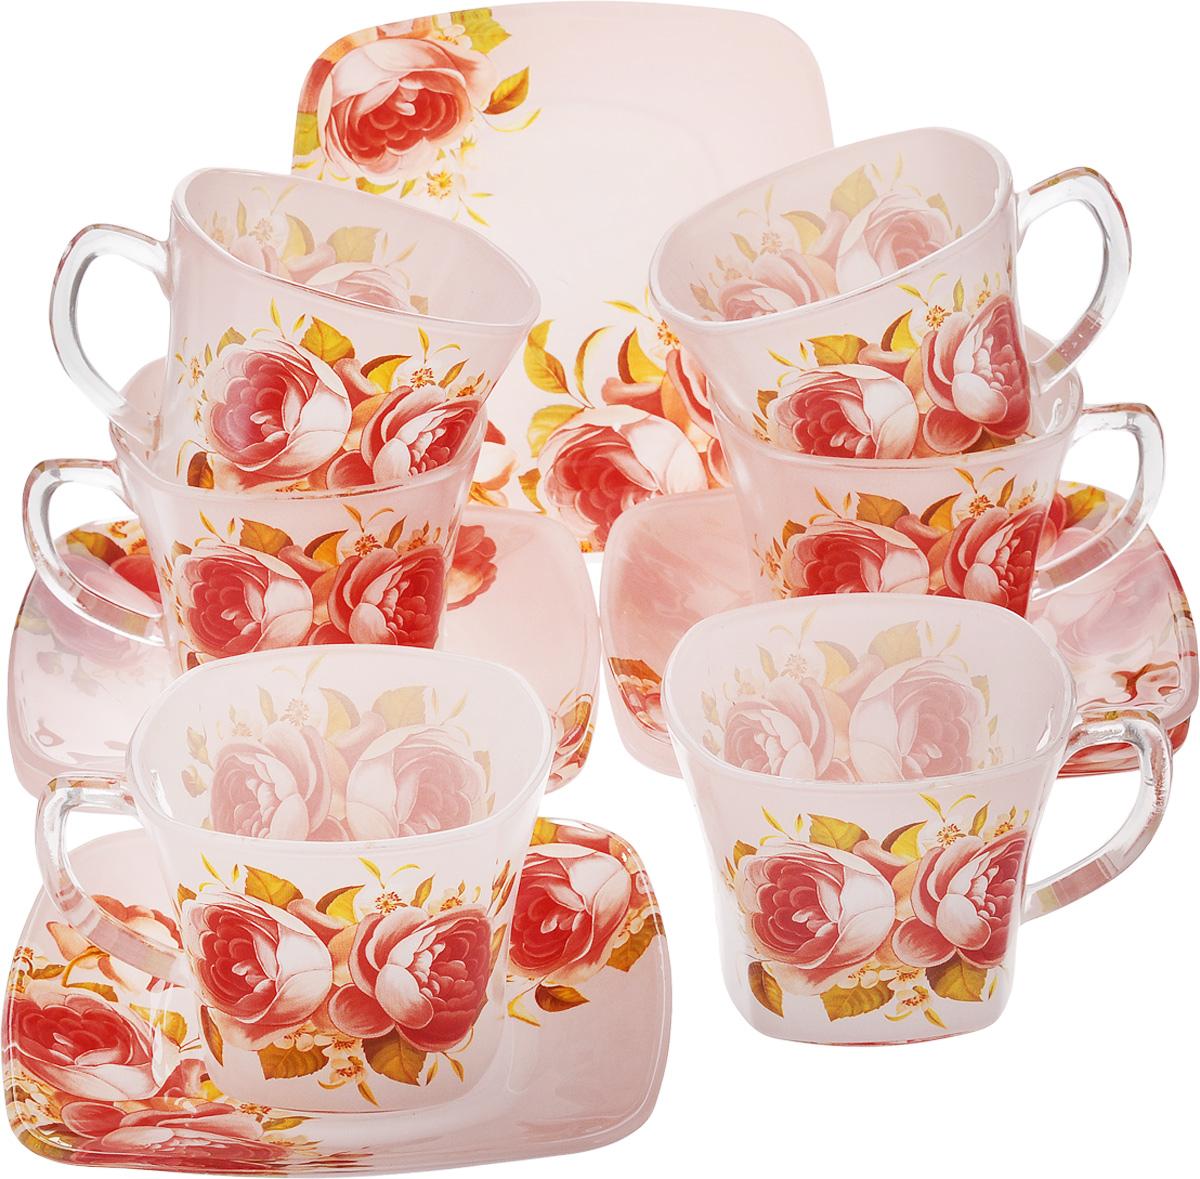 Набор чайный Loraine, 12 предметов. 2412624126Чайный набор Loraine состоит из 6 чашек и 6 блюдец. Изделия, выполненные извысококачественного стекла, имеютэлегантный дизайн и классическую форму. Такой набор прекрасно подойдет как дляповседневного использования, так и дляпраздников.Чайный набор Loraine - это не только яркий и полезный подарок для родных и близких, но и великолепное решение для вашей кухни или столовой.Объем чашки: 200 мл.Размер чашки (по верхнему краю): 8 см. Высота чашки: 7 см. Размер блюдца (по верхнему краю): 13,5 х 13,5 см. Высота блюдца: 2 см.